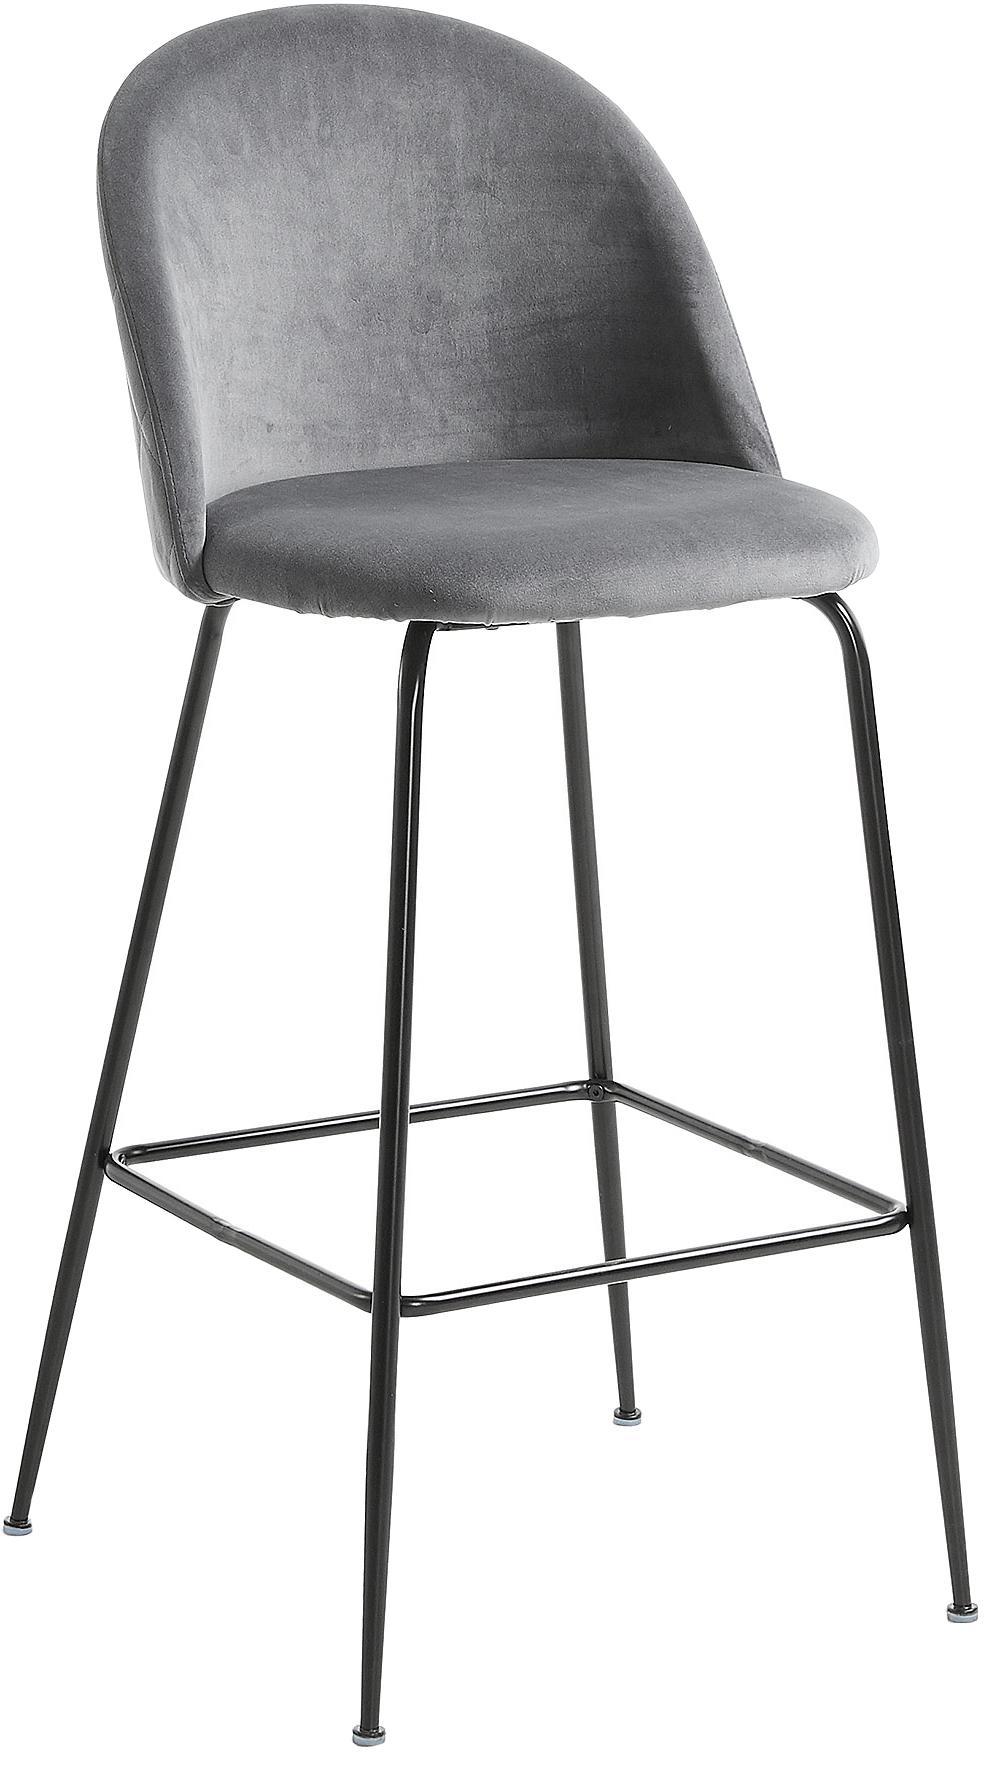 Sgabello da bar in velluto Ivonne, Rivestimento: velluto di poliestere, Struttura: metallo verniciato, Grigio, nero, Larg. 53 x Alt. 108 cm